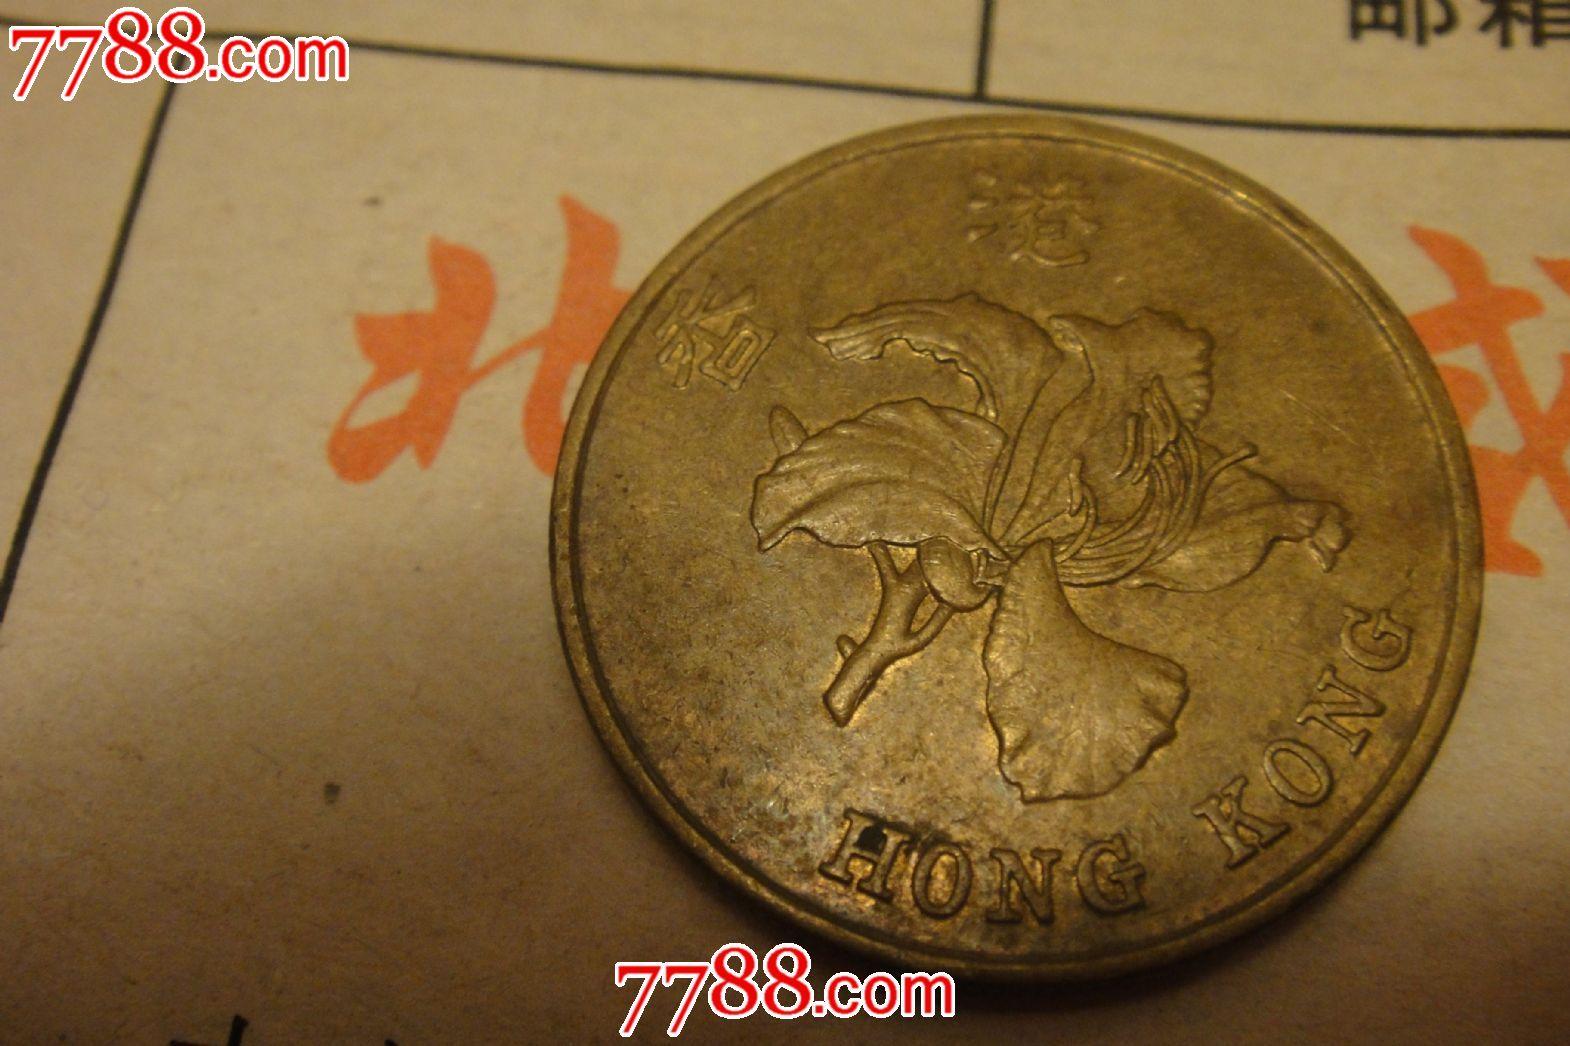 1998年香港5元硬币_1993年香港5毫硬币